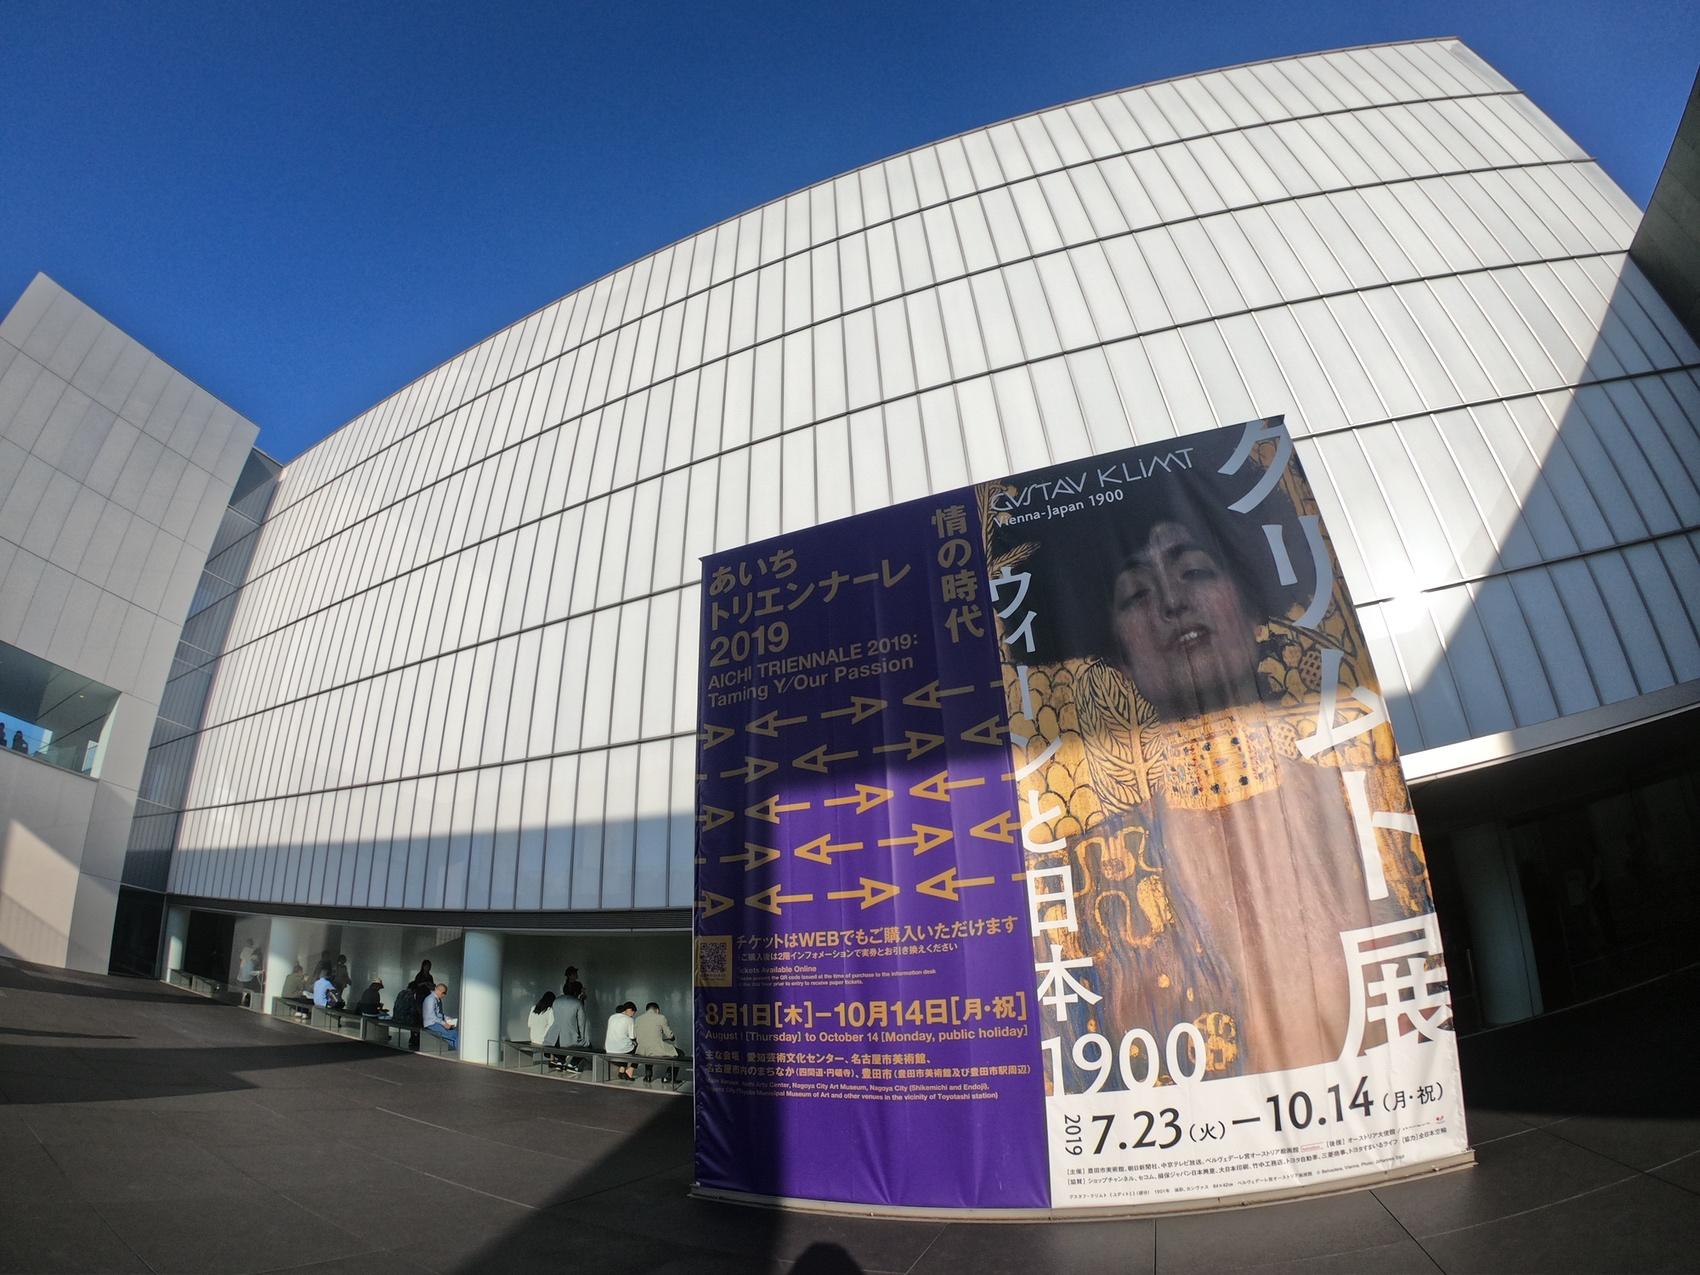 豊田市美術館で「あいちトリエンナーレ」を観てきたよ!見所作品を紹介